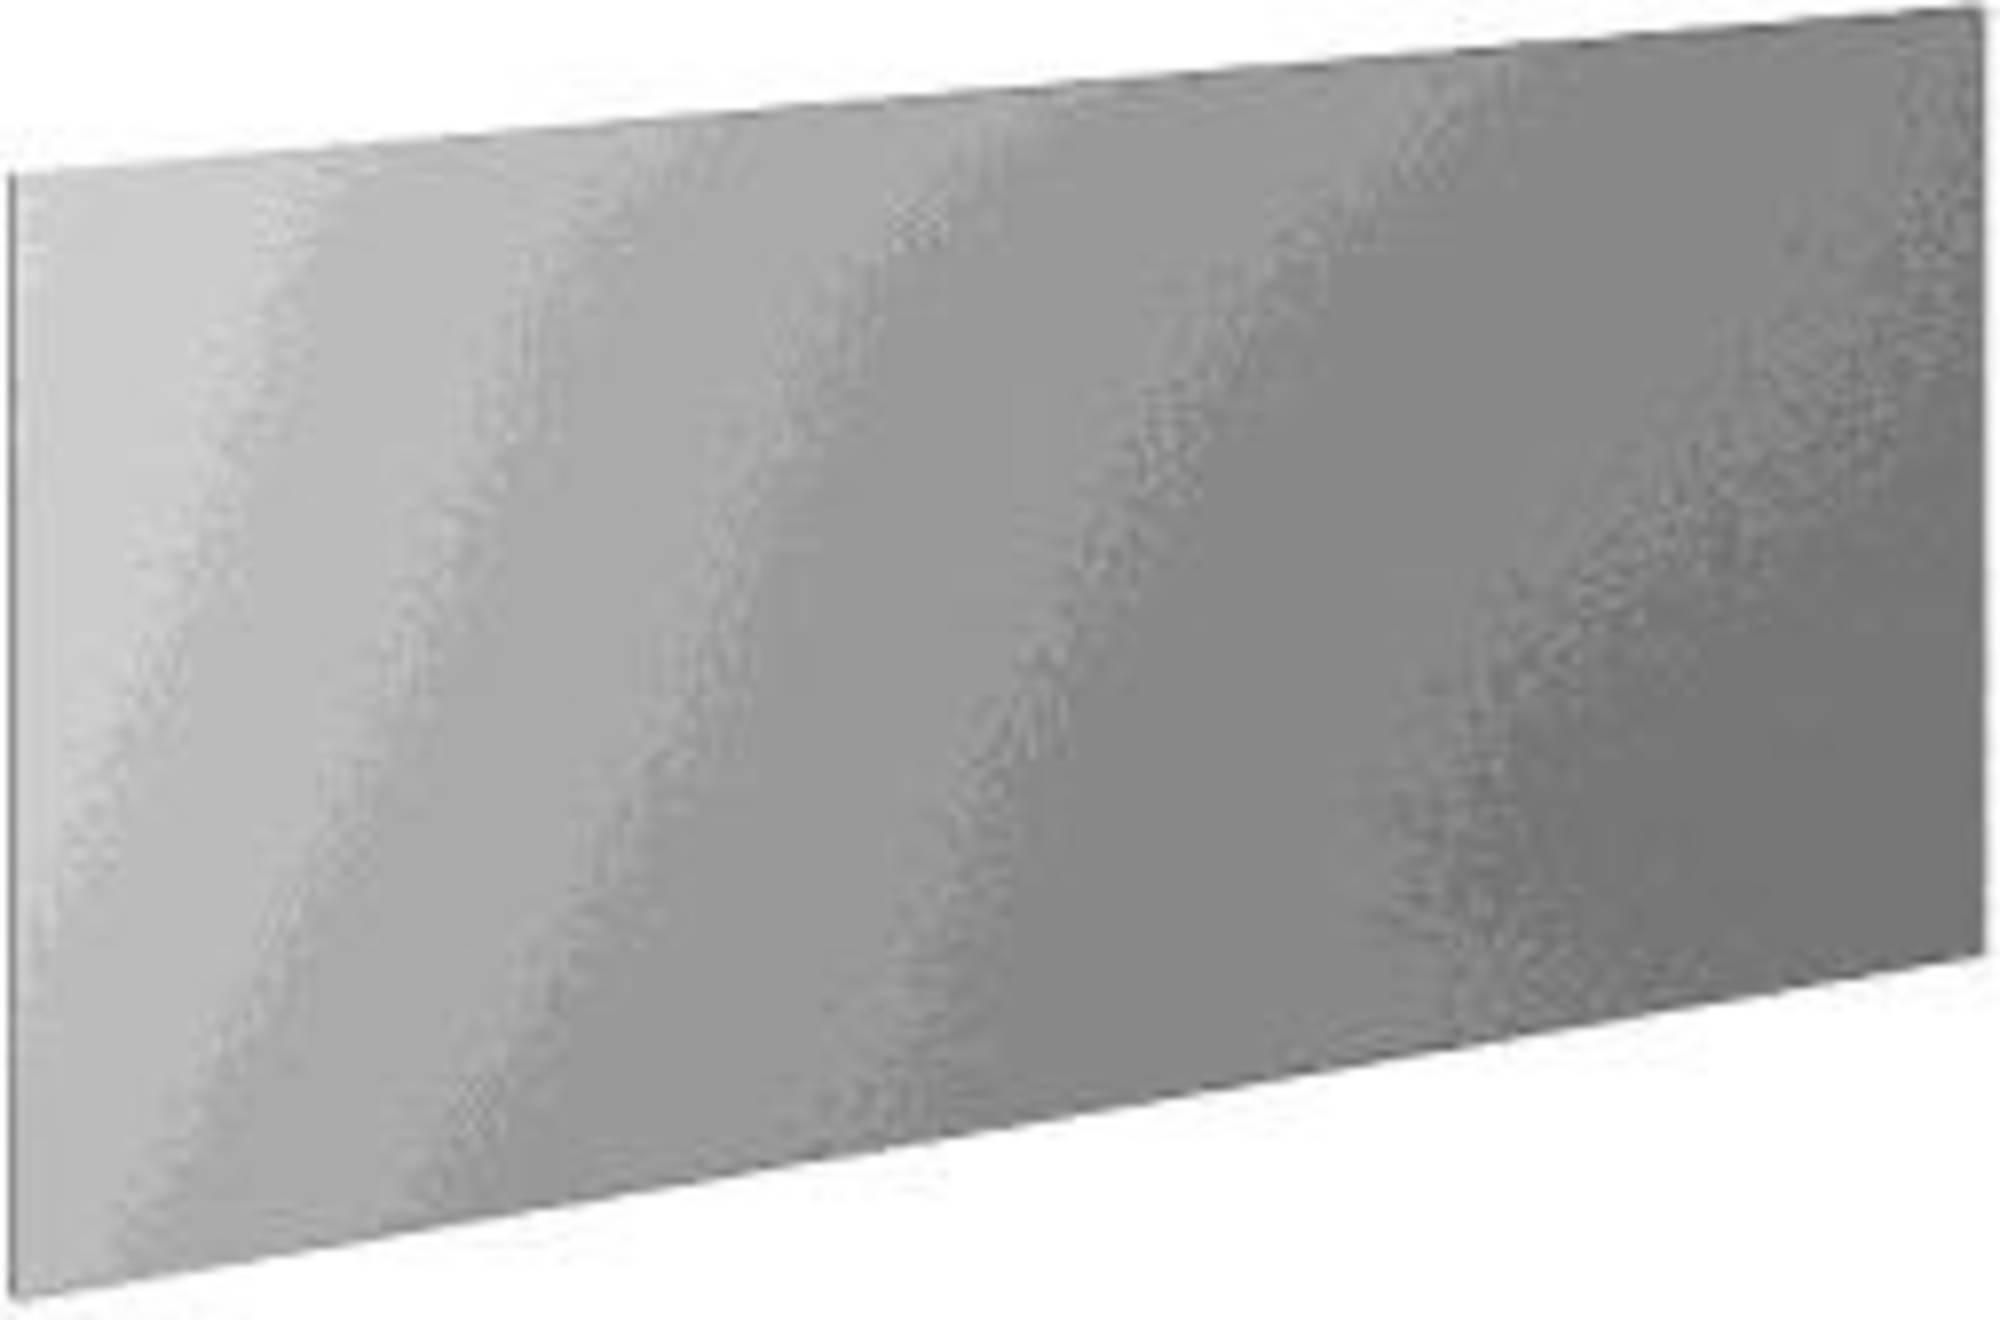 Ben Mirano spiegelpaneel maatwerk 140,1-160x<70cm